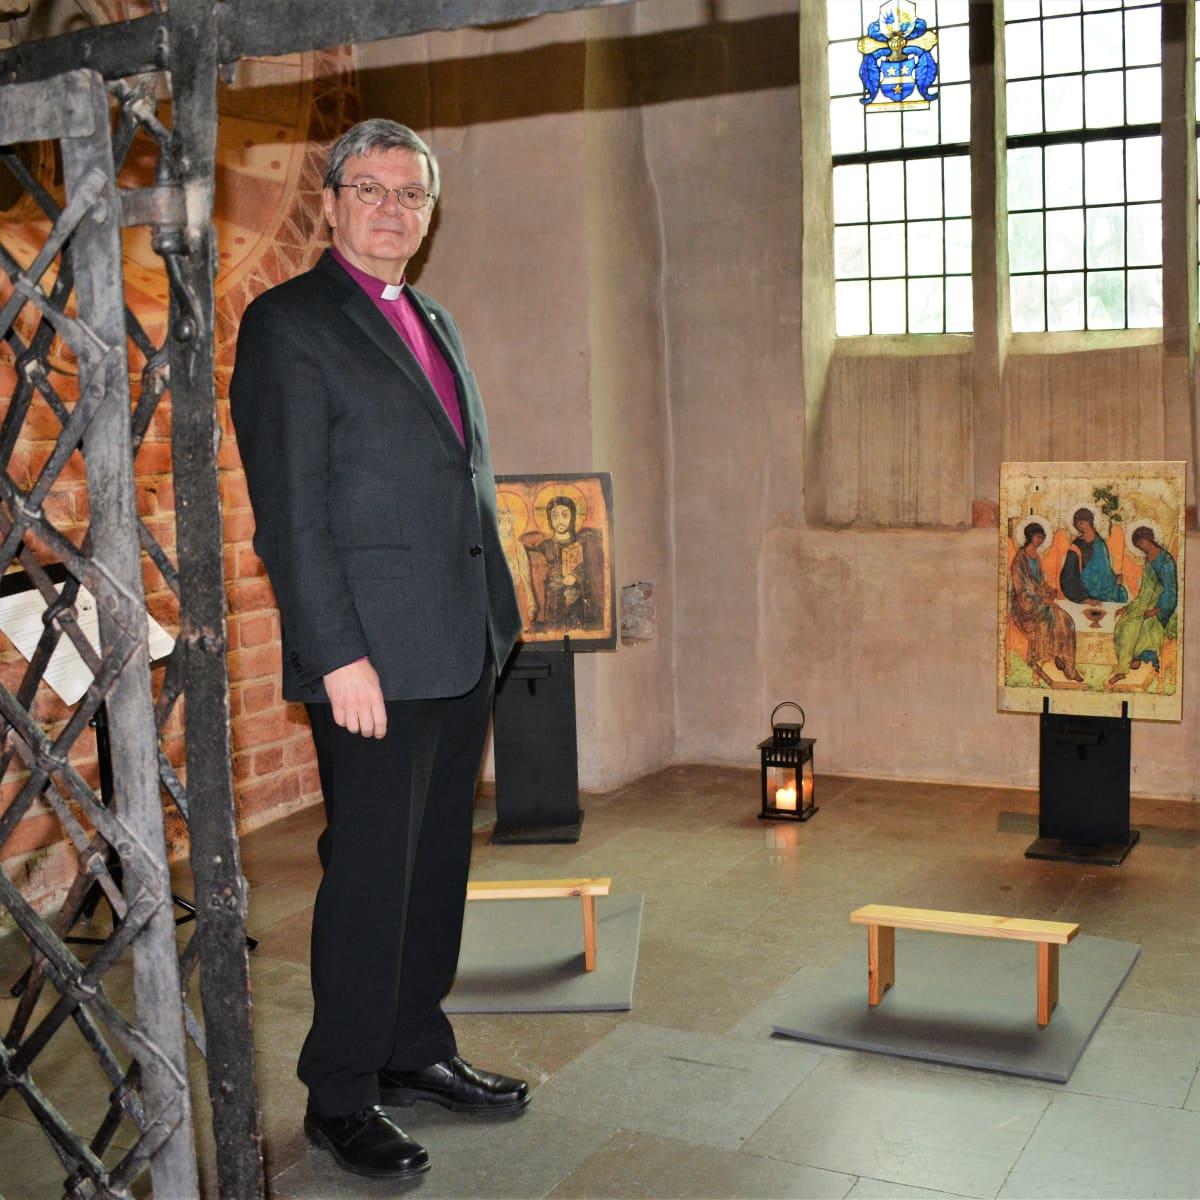 Turun piispa Kaarlo Kalliala Turun tuomiokirkon kappelissa